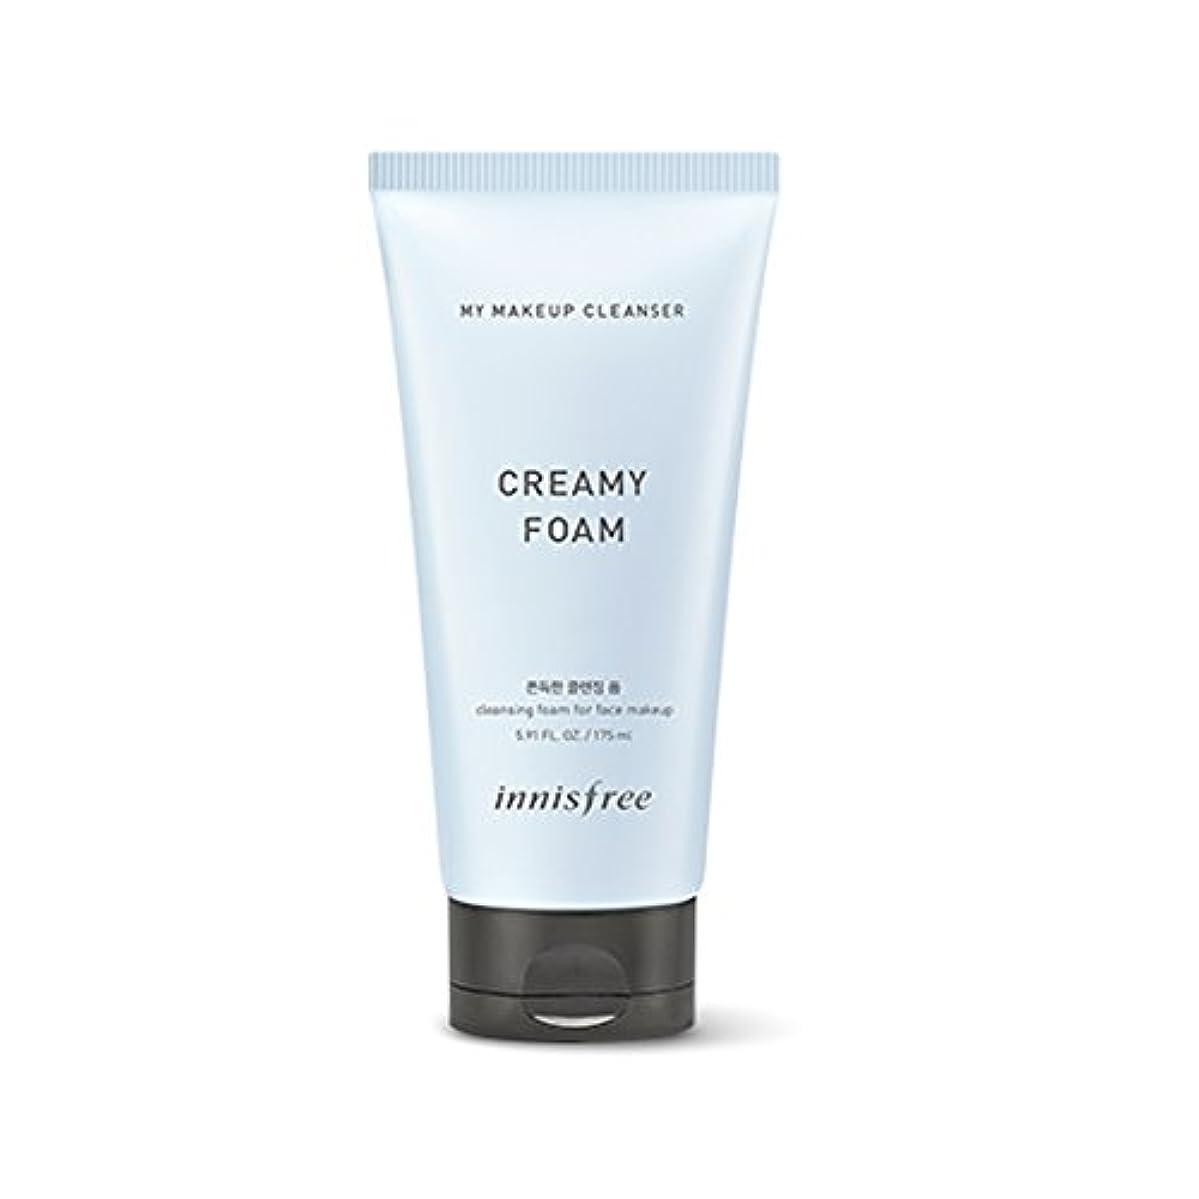 イニスフリーマイメイクアップクレンザー - クリームフォーム175ml Innisfree My Makeup Cleanser - Creamy Form 175ml [海外直送品][並行輸入品]